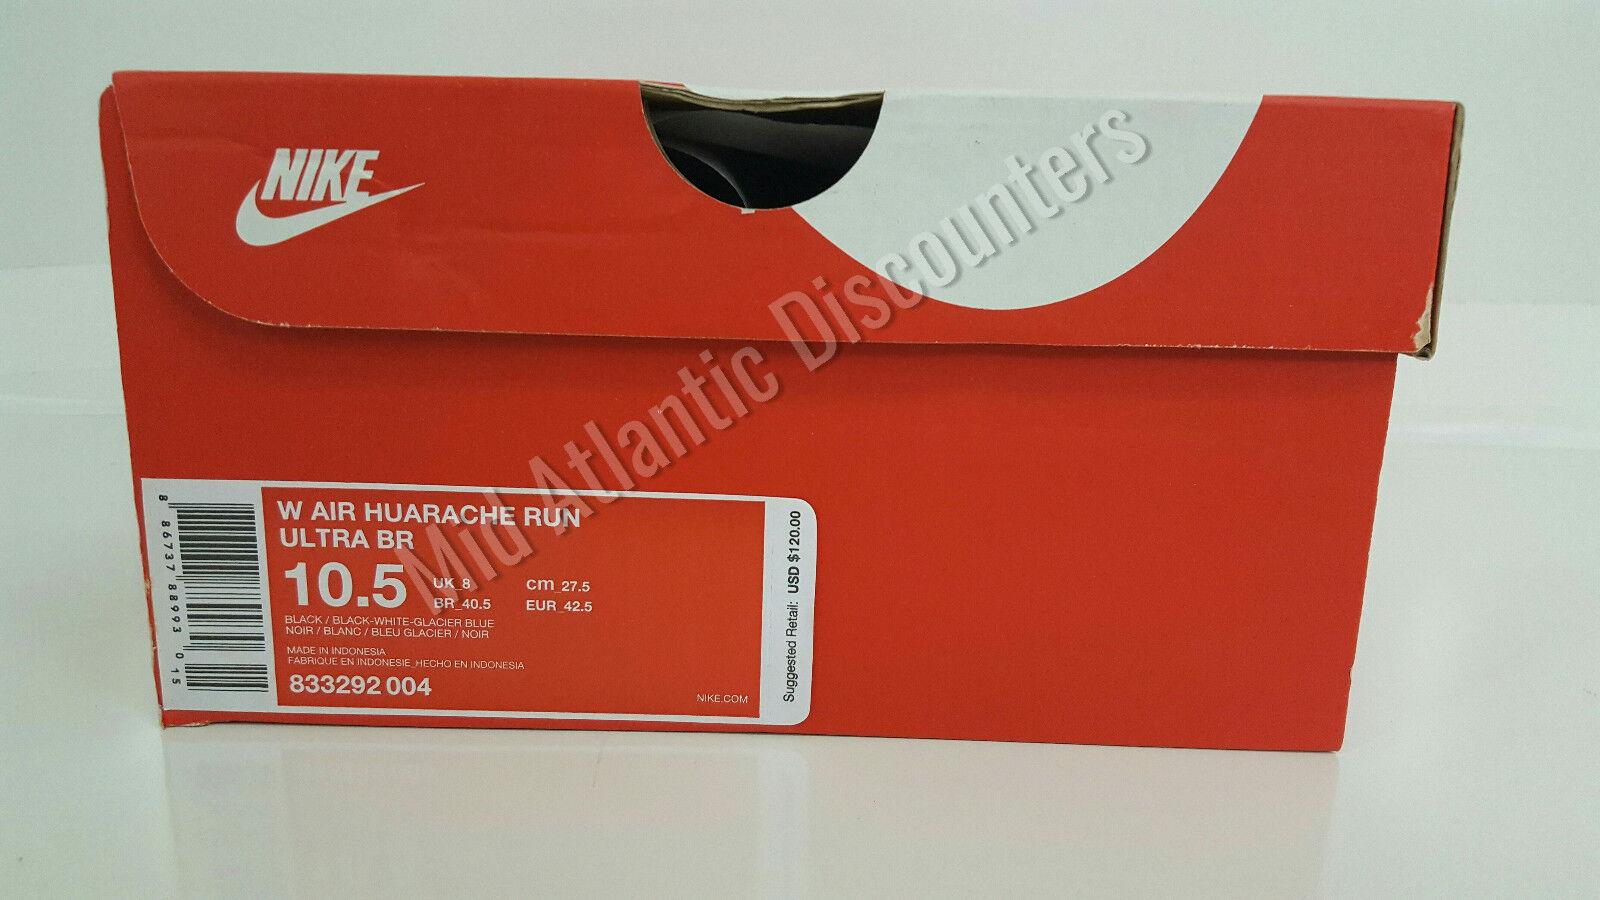 Di nuovo huarache in scatola della nike air huarache nuovo ultra br nero correre w / nero bianco ghiacciaio blue 66b4bc